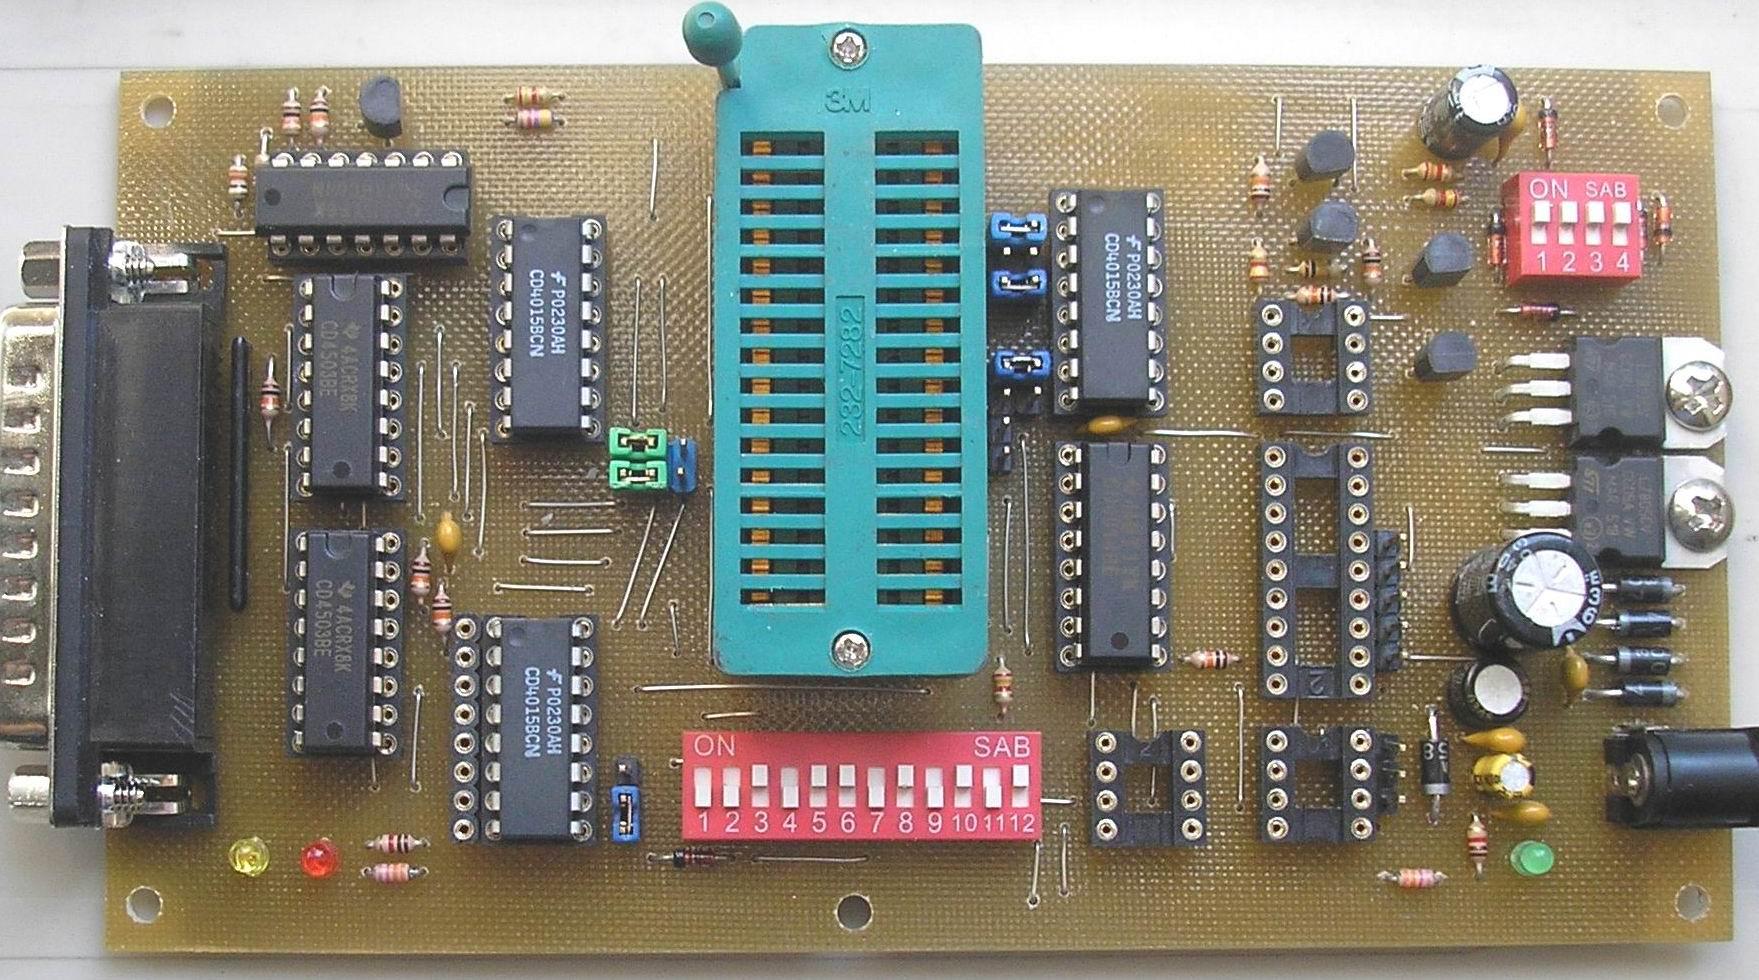 Plcc32 программатор своими руками фото 523